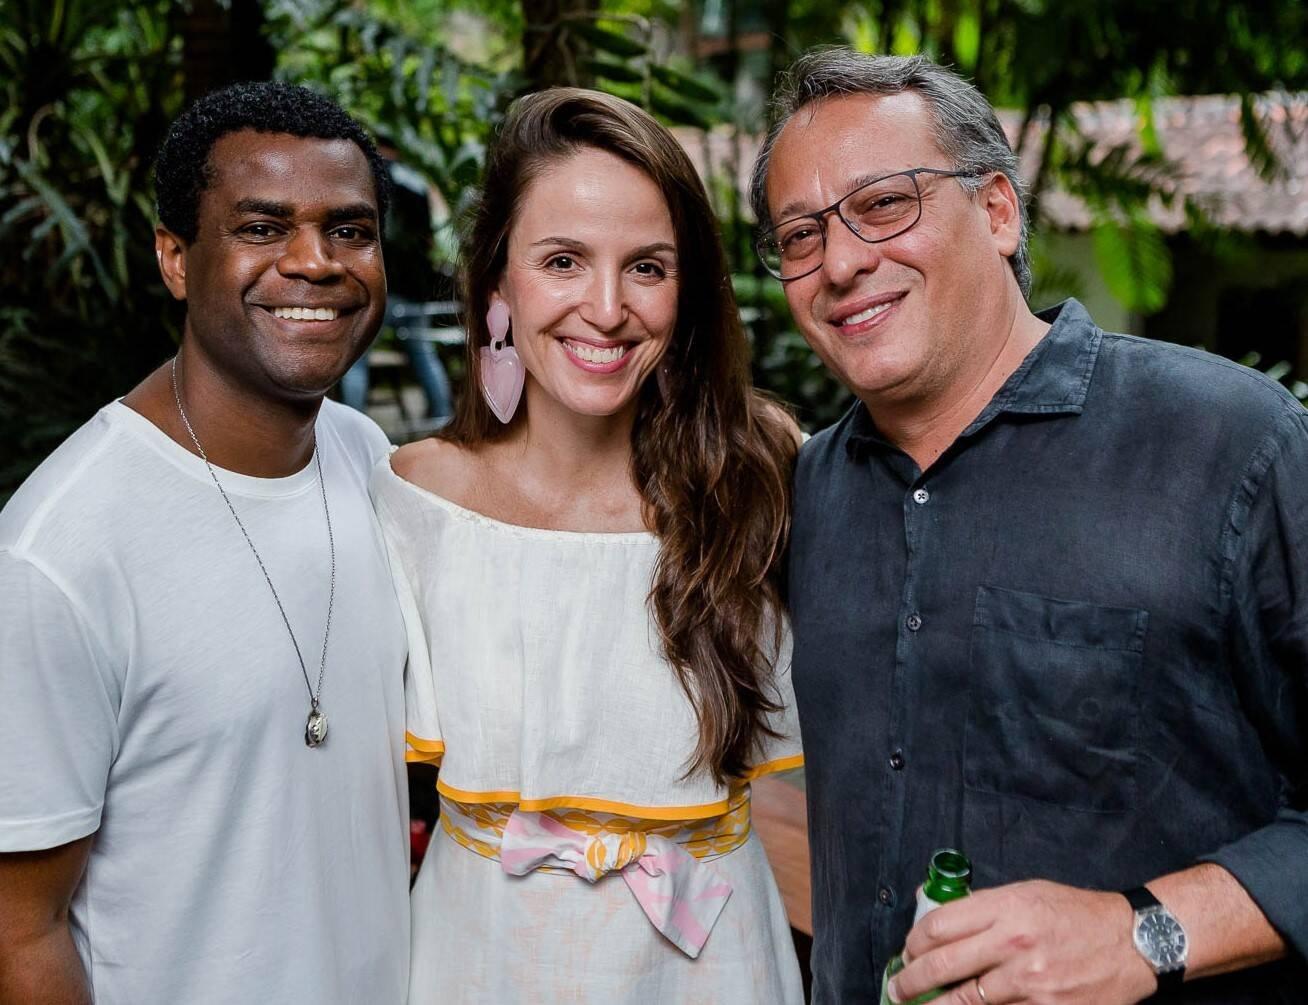 Pretinho da Serrinha, Malu Barretto e Antonio Pedro Figueira de Melo  /Foto: Bruno Ryfer